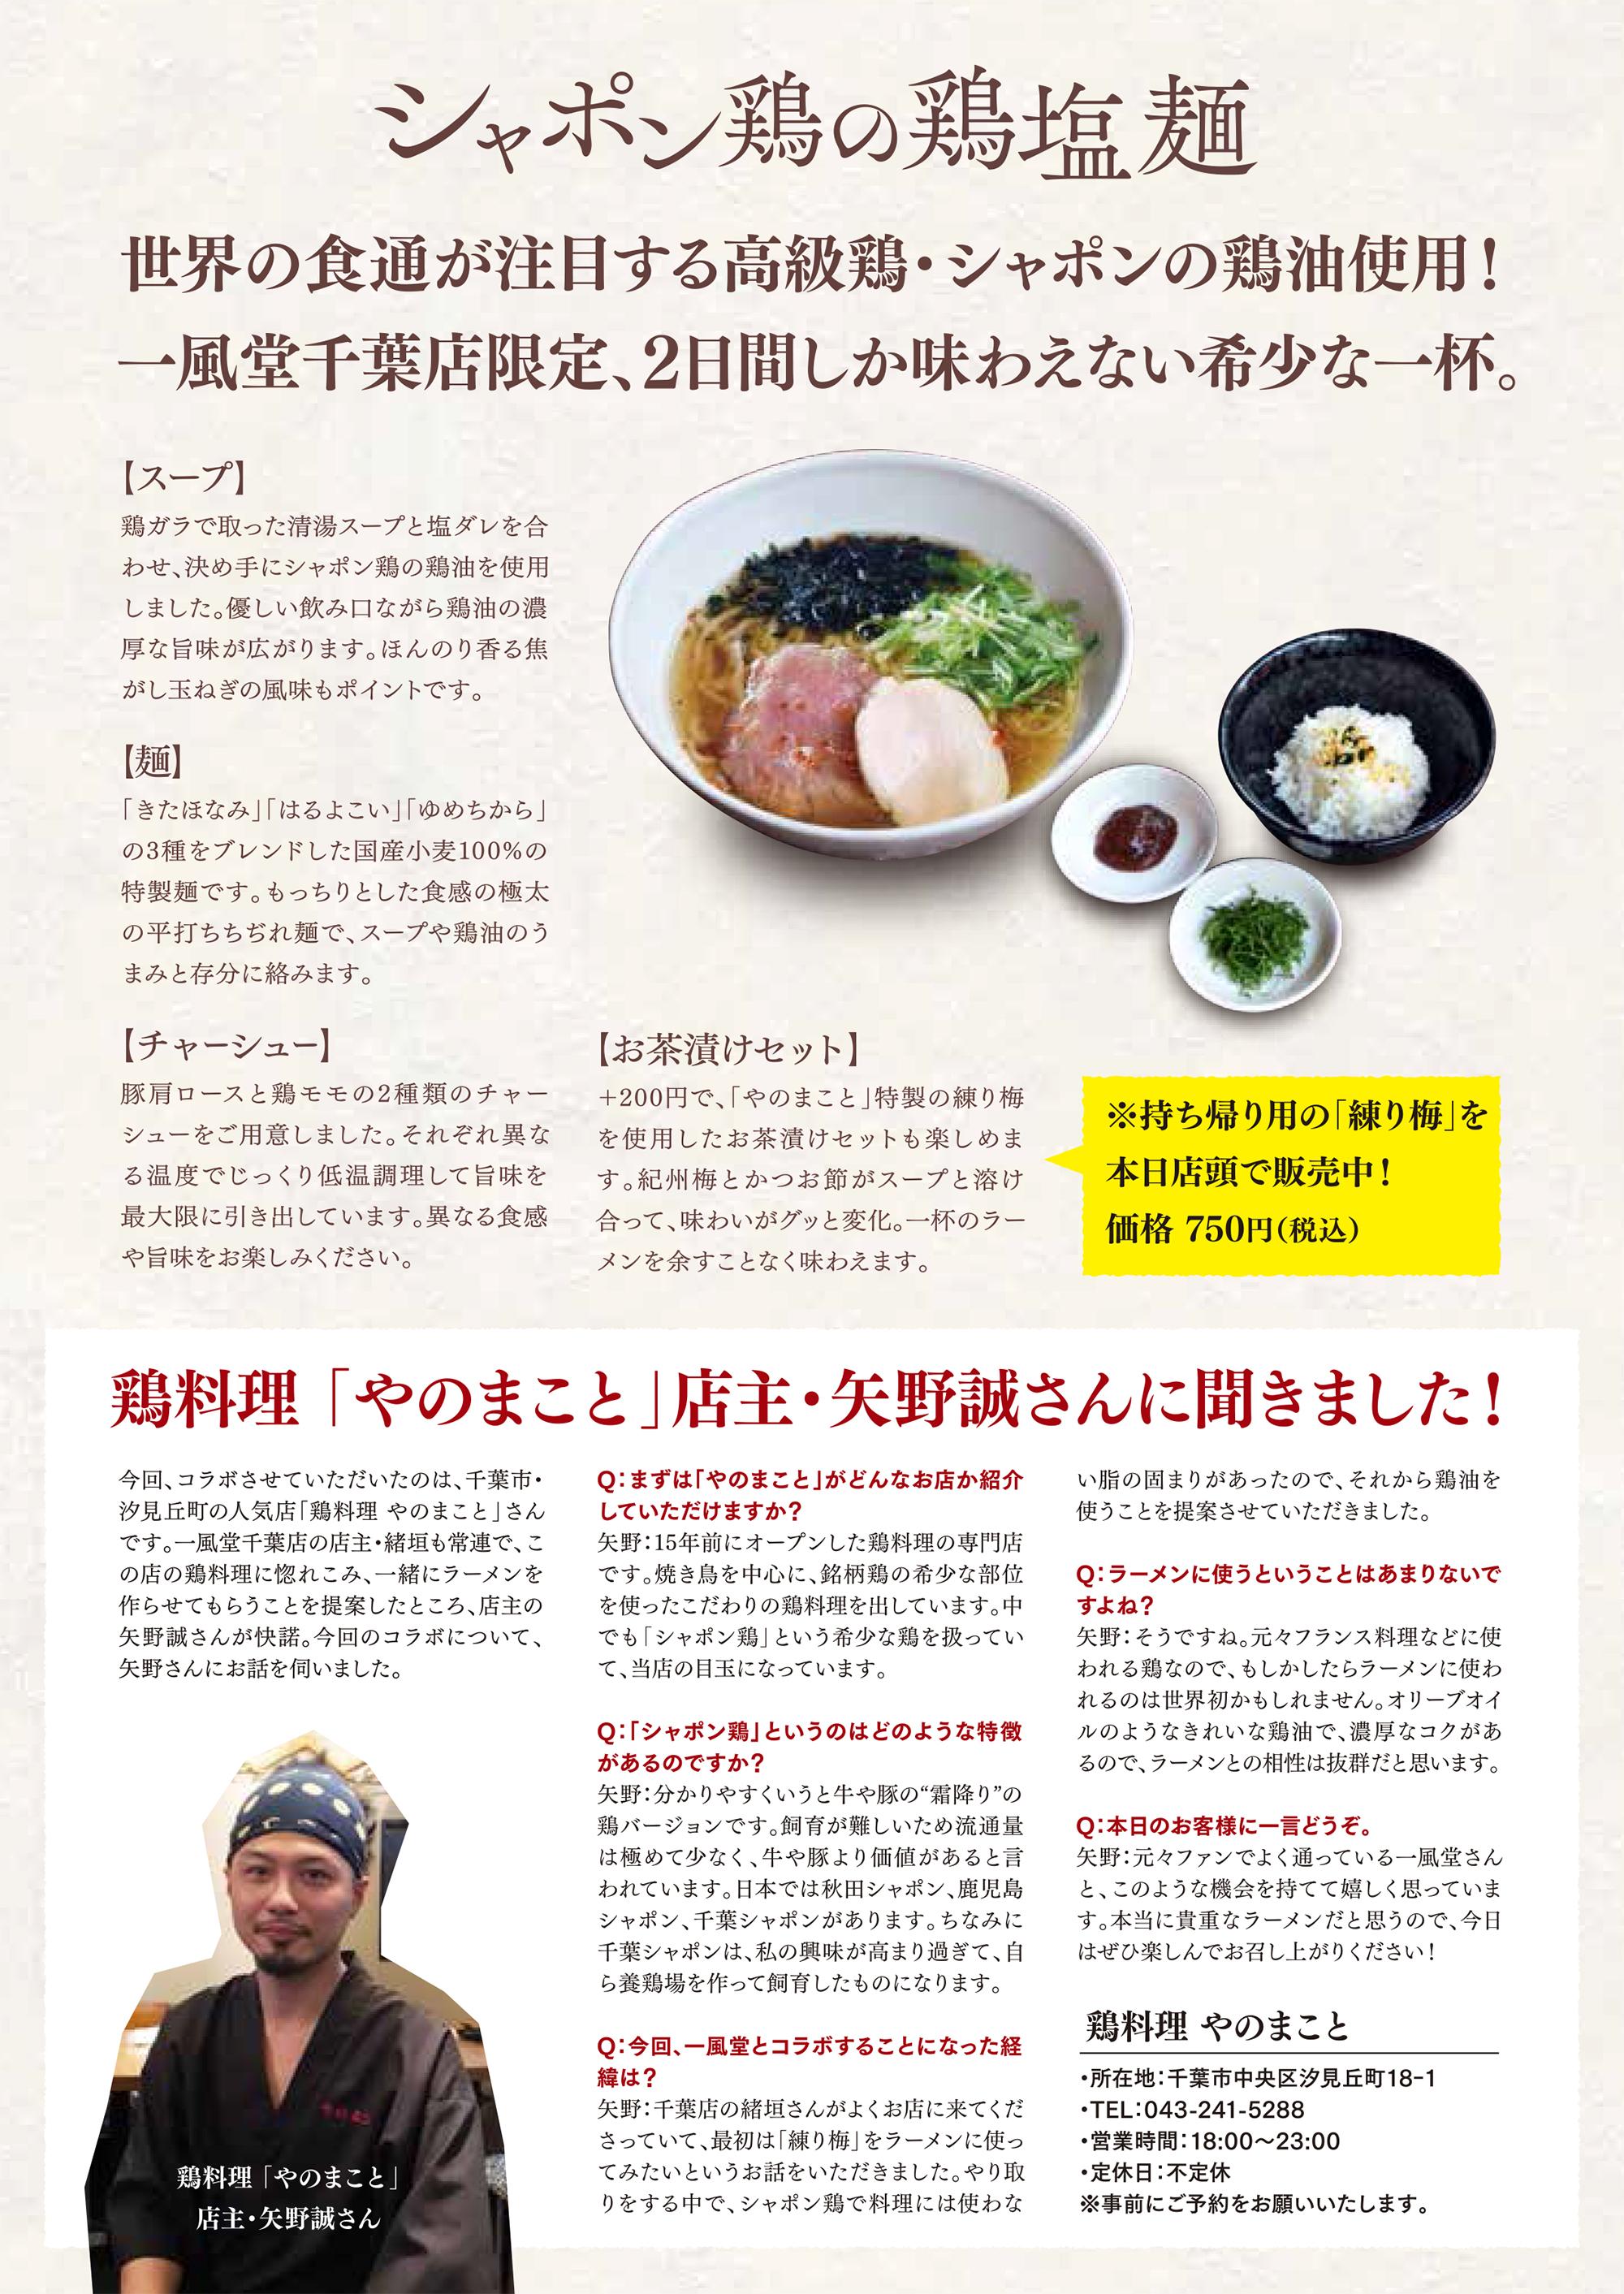 190316_千葉店_シャポン鶏の鶏塩麺_B5